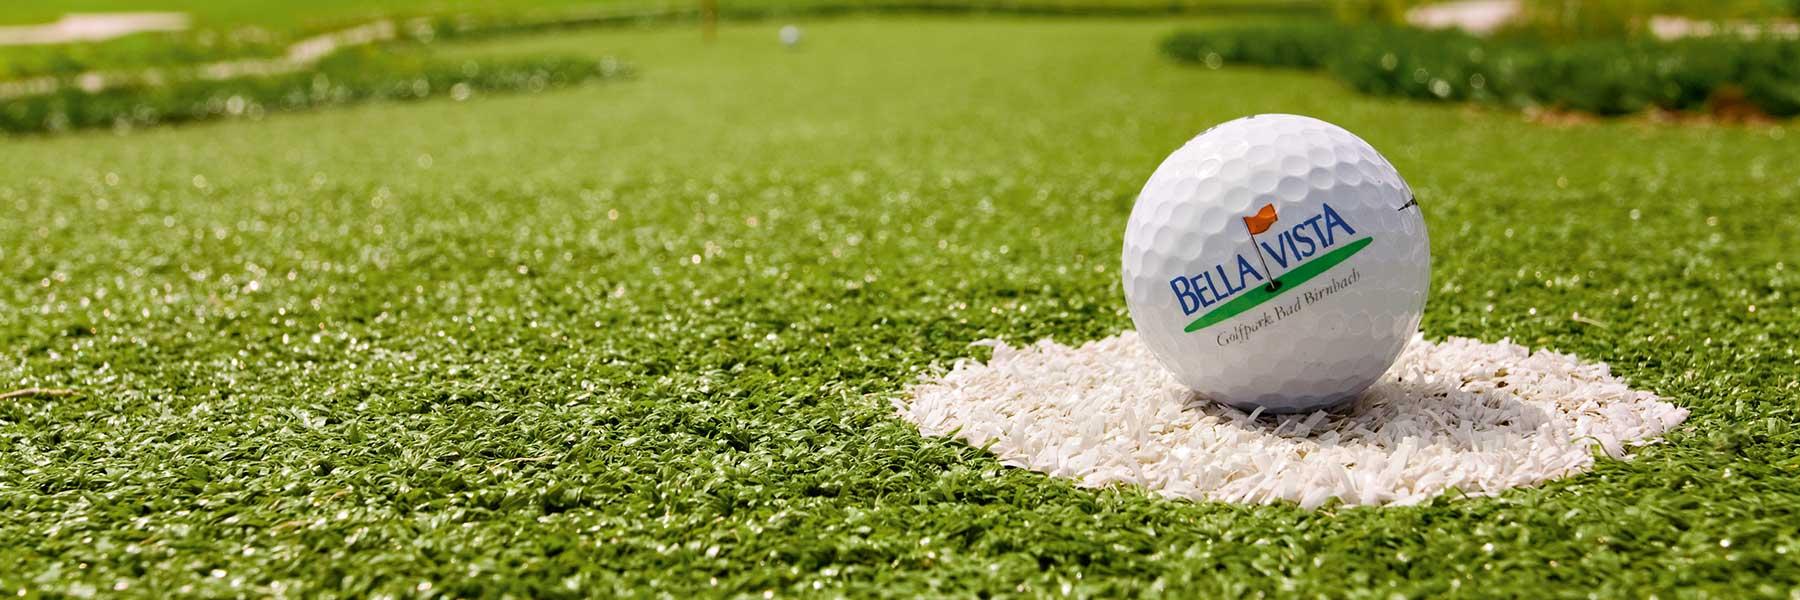 Bella Vista Golfpark in Bad Birnbach